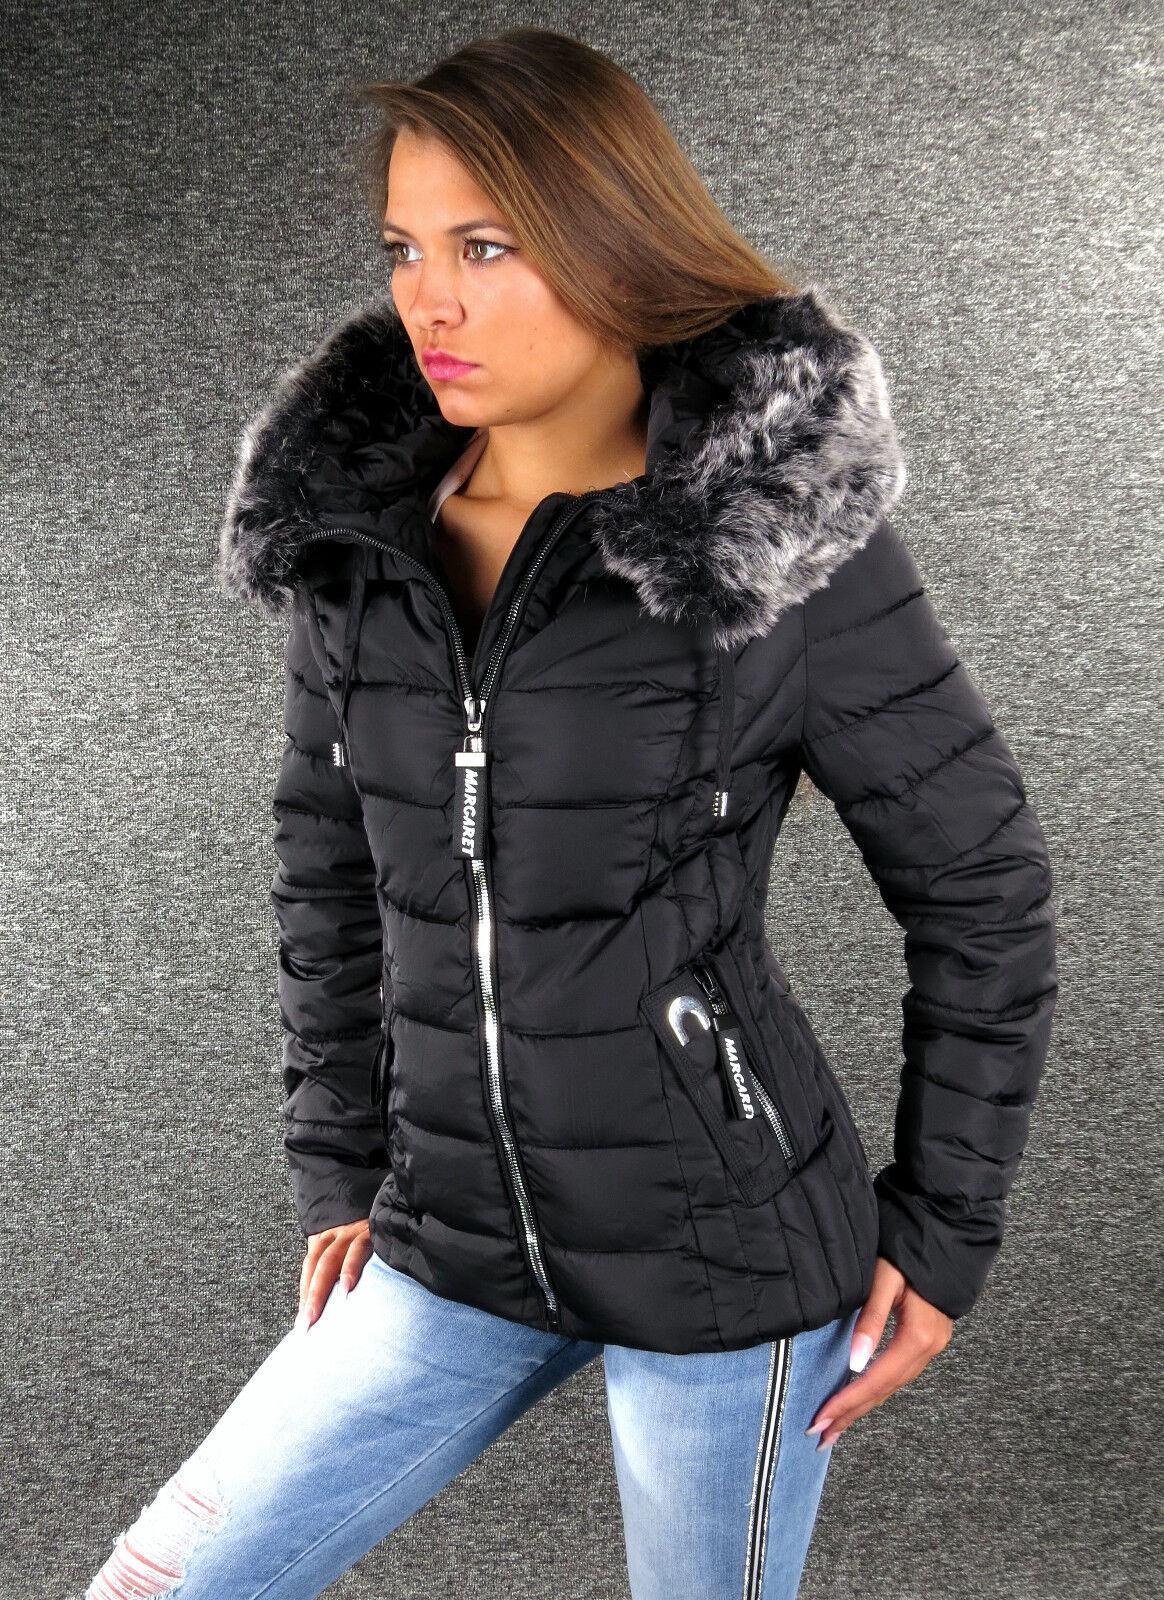 5e128fa680 XXL XL L M S Nera Invernale Giacca women Zazou Pelliccia di ...